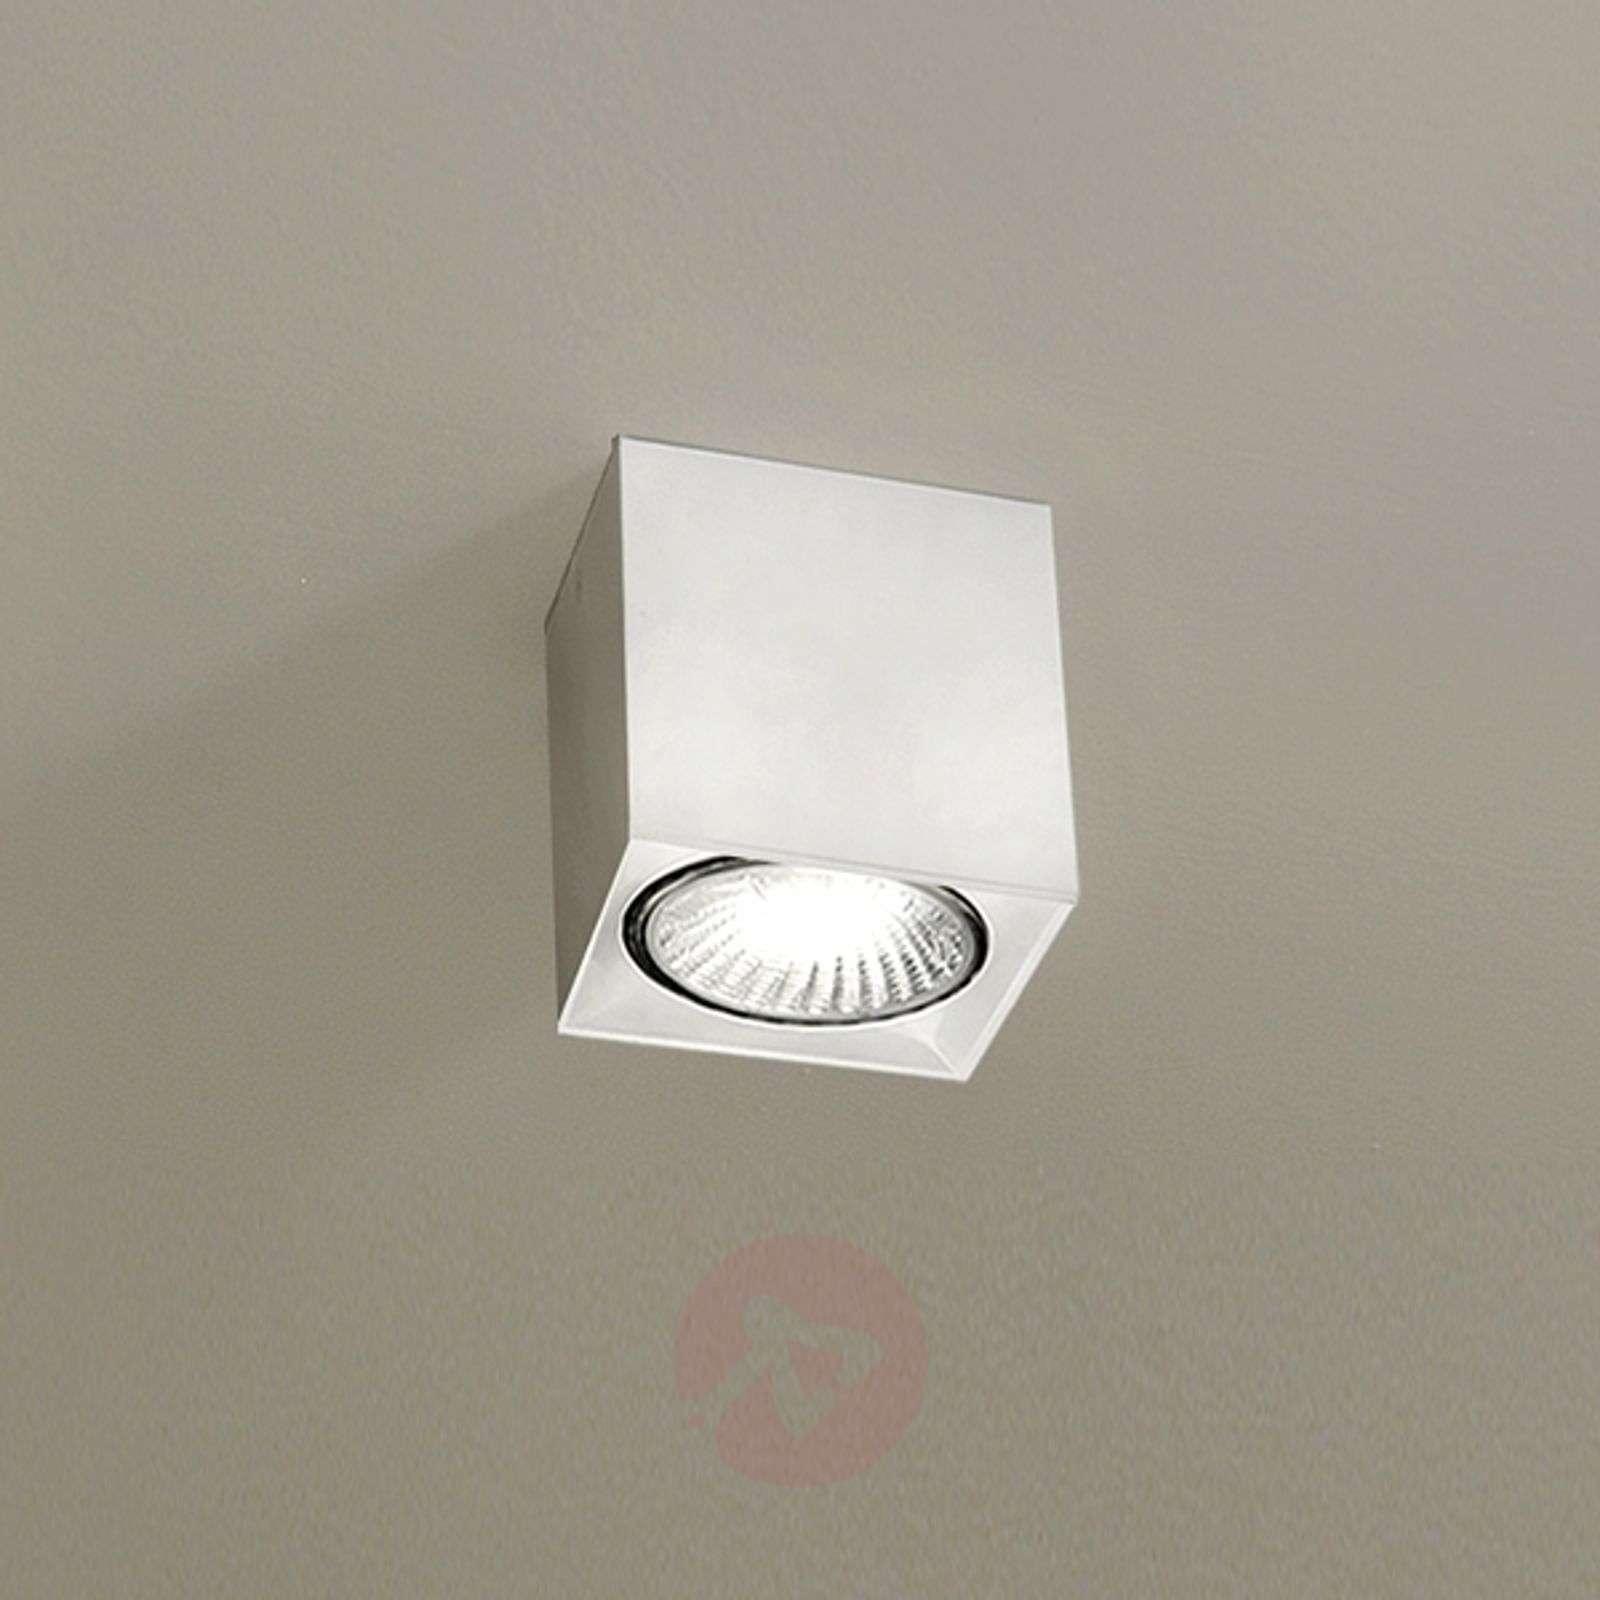 Kattovalaisin Dau Spot valkoinen kuutio-6708072-01